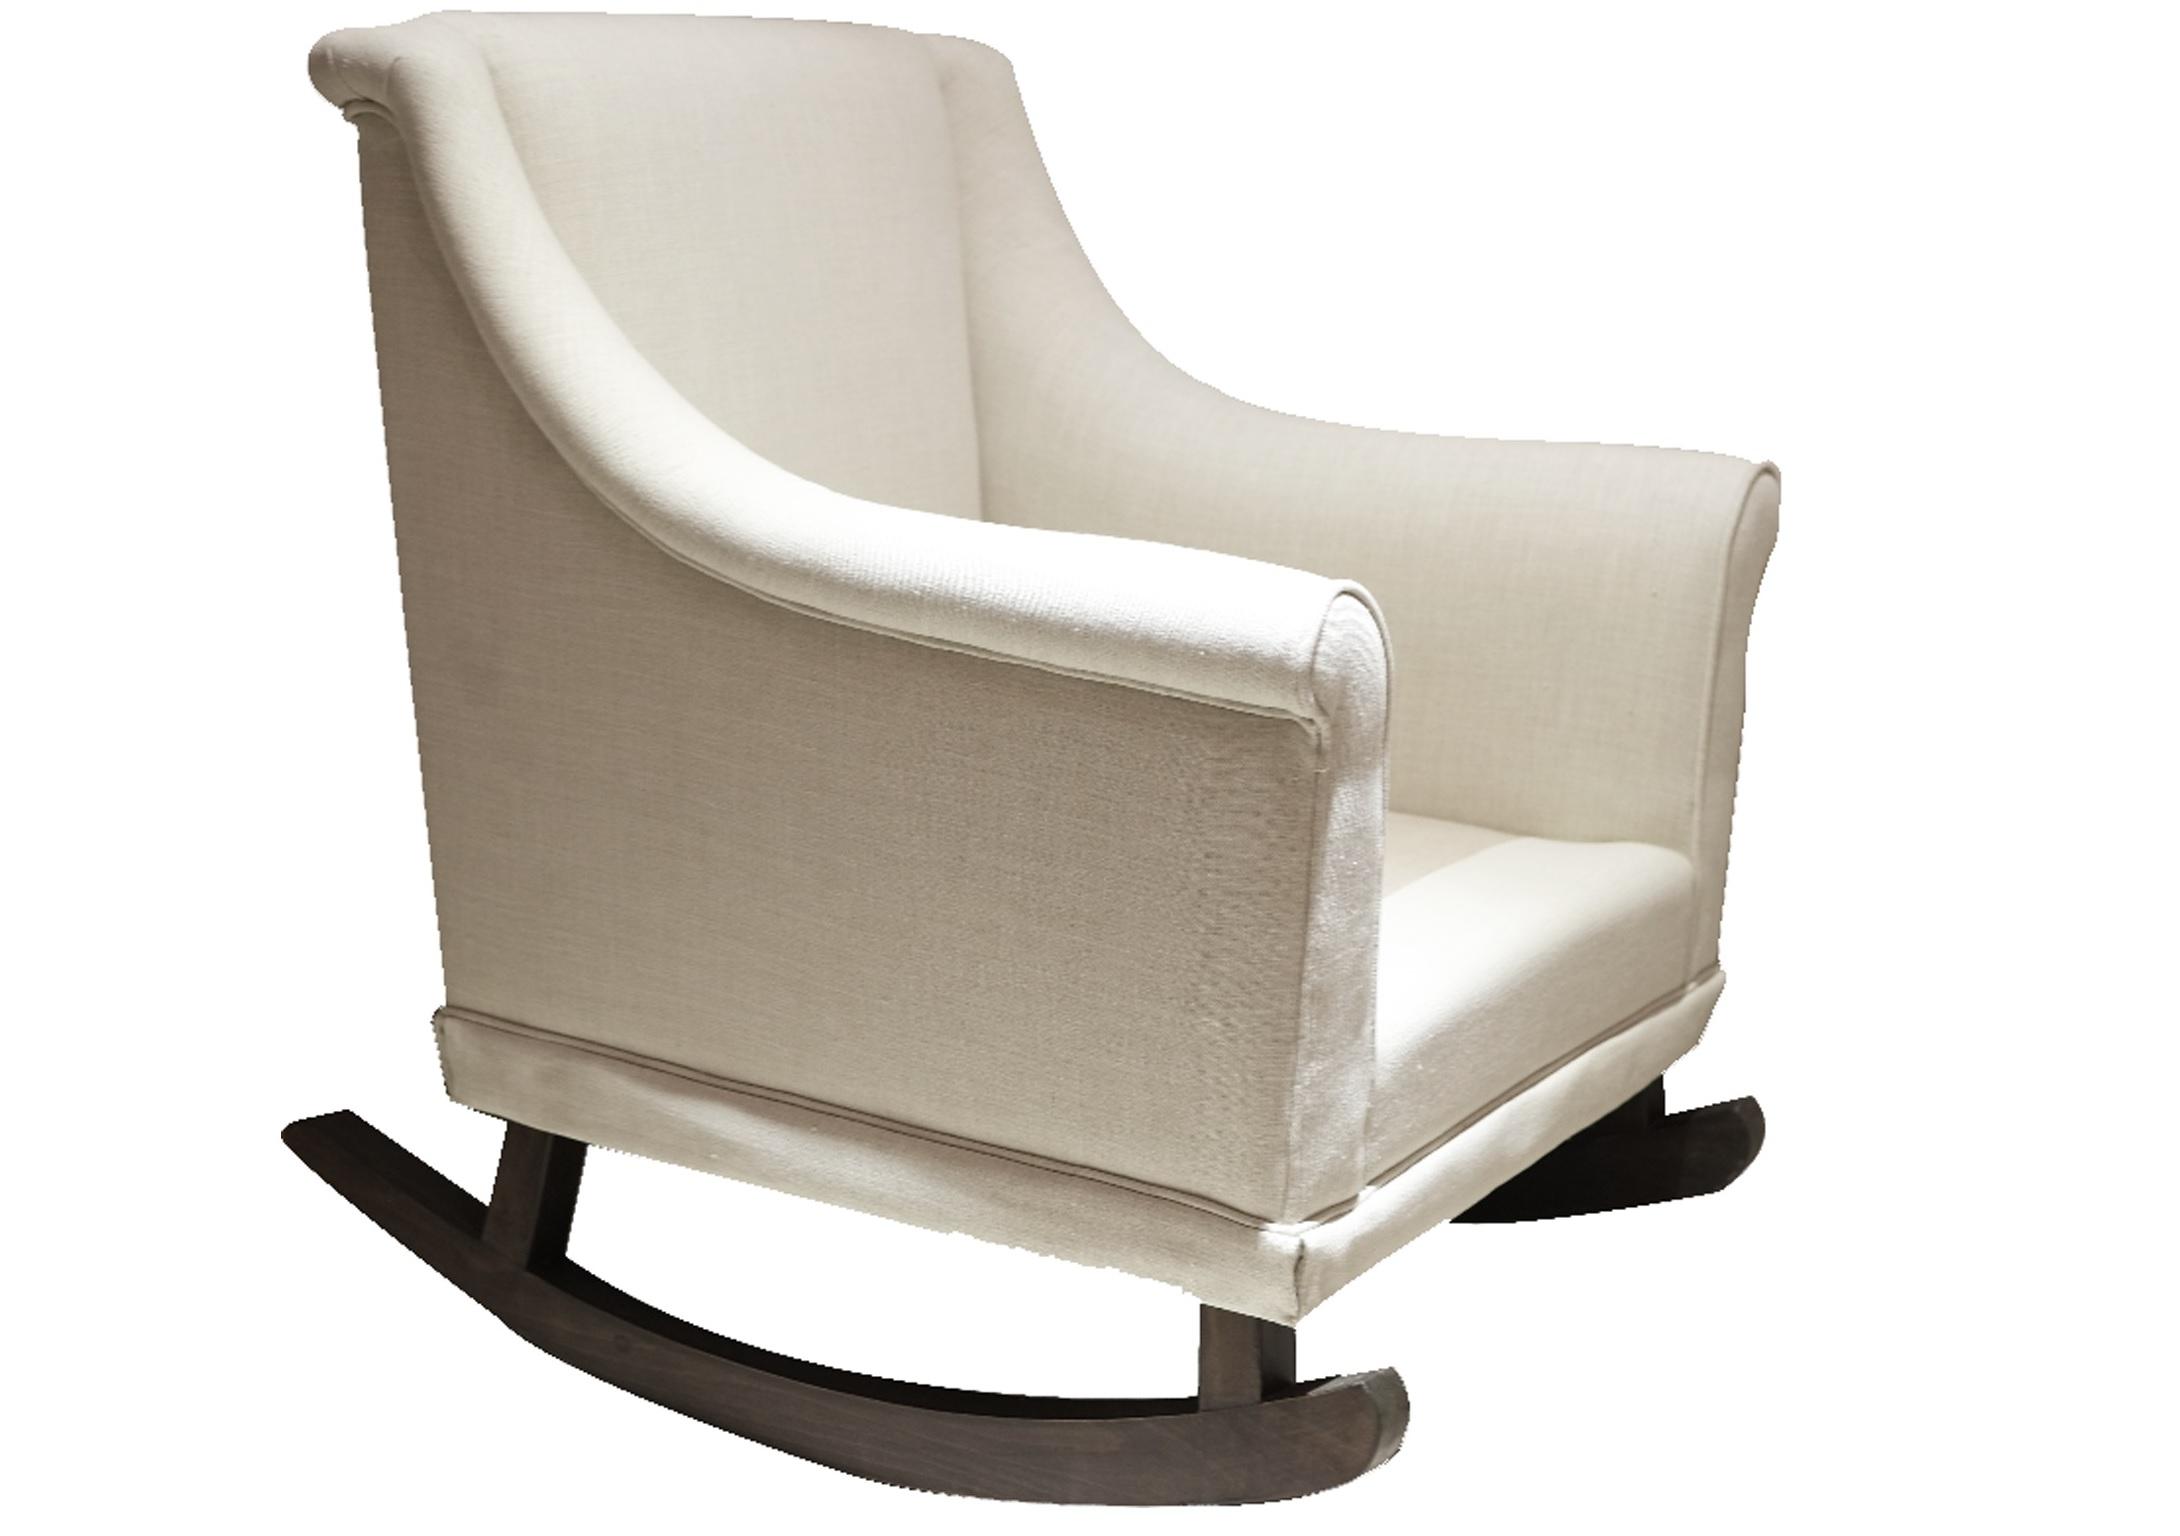 Детское кресло-качалка SoftДетские кресла<br>Это удобное кресло качалка подойдёт как для сна, так и для игр.<br><br>Material: Текстиль<br>Width см: 68<br>Depth см: 88<br>Height см: 91